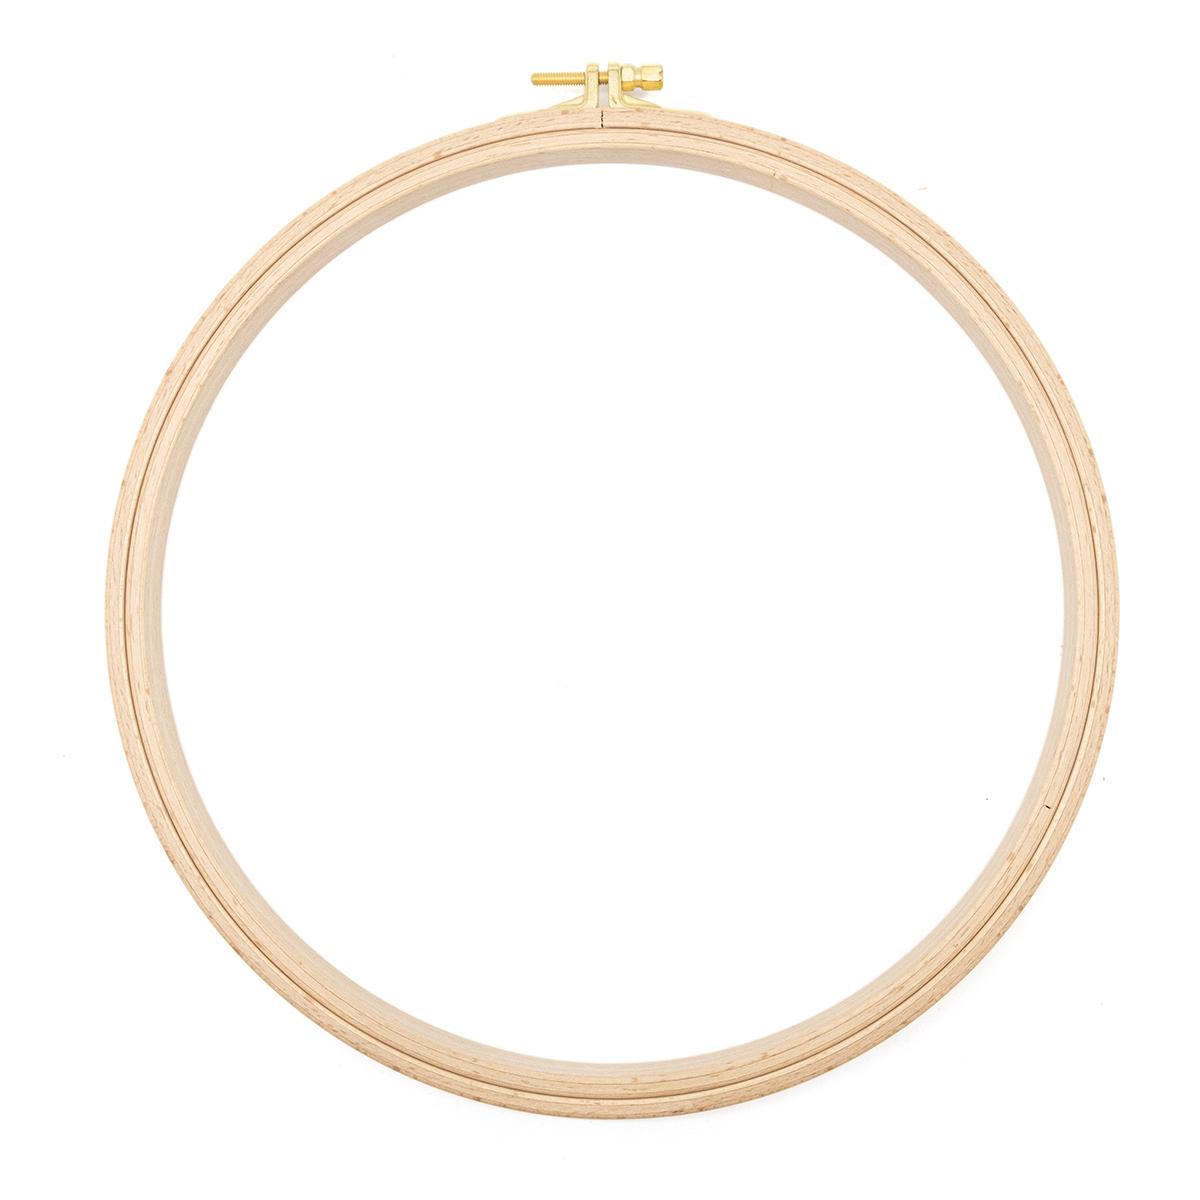 110-6 Пяльцы круглые буковые, d=250 мм, выс. обода 16 мм, Nurge Hobby